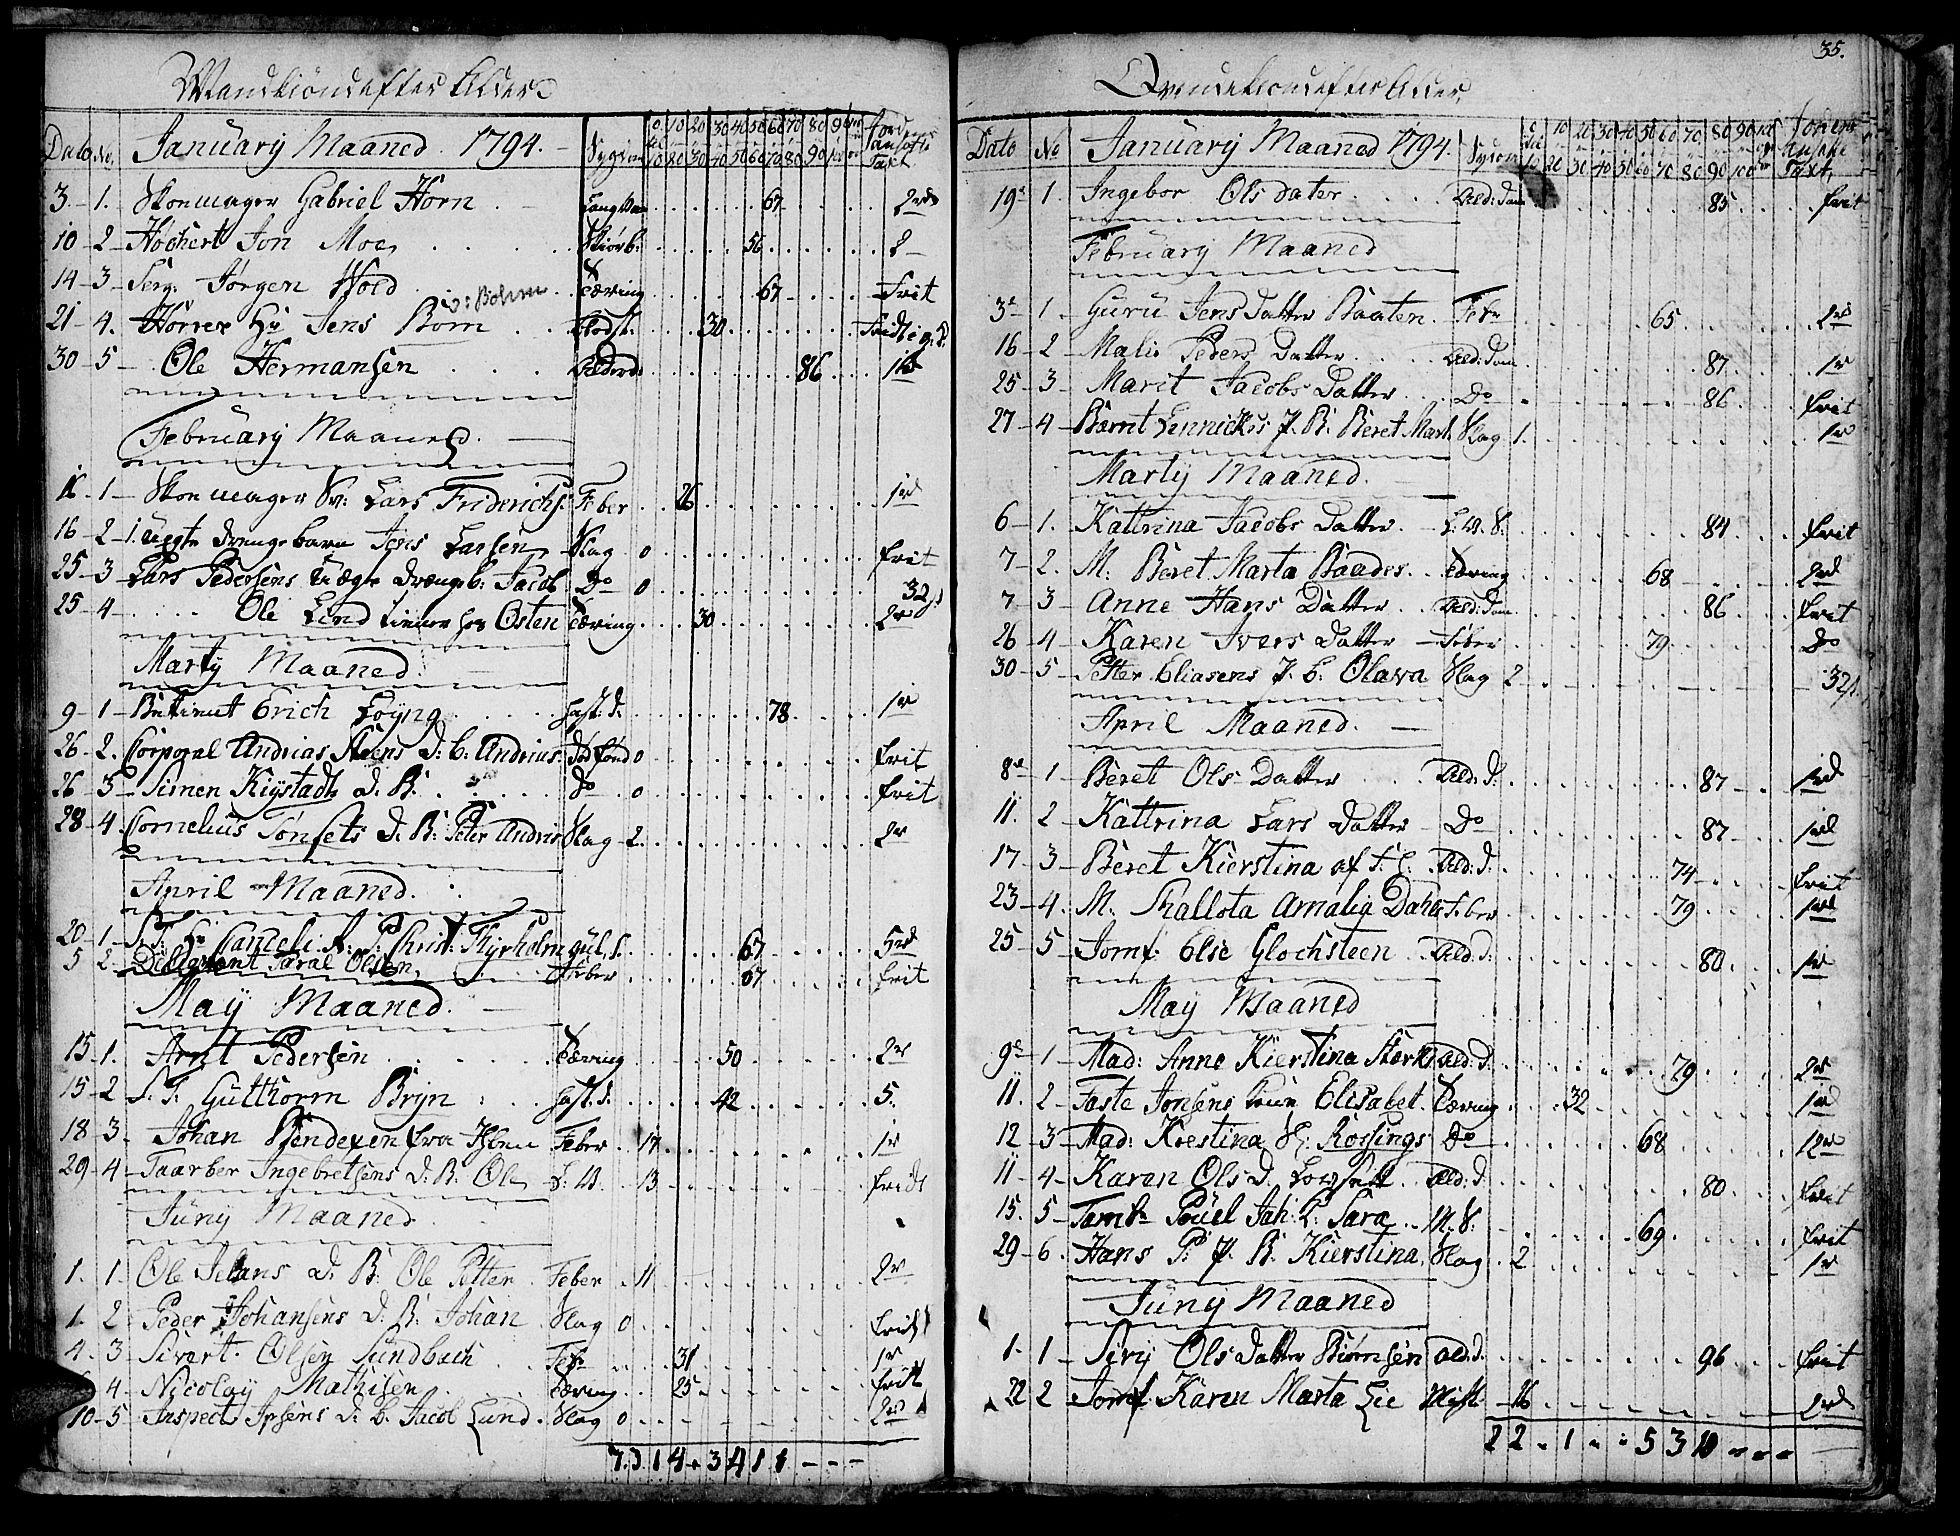 SAT, Ministerialprotokoller, klokkerbøker og fødselsregistre - Sør-Trøndelag, 601/L0040: Ministerialbok nr. 601A08, 1783-1818, s. 35